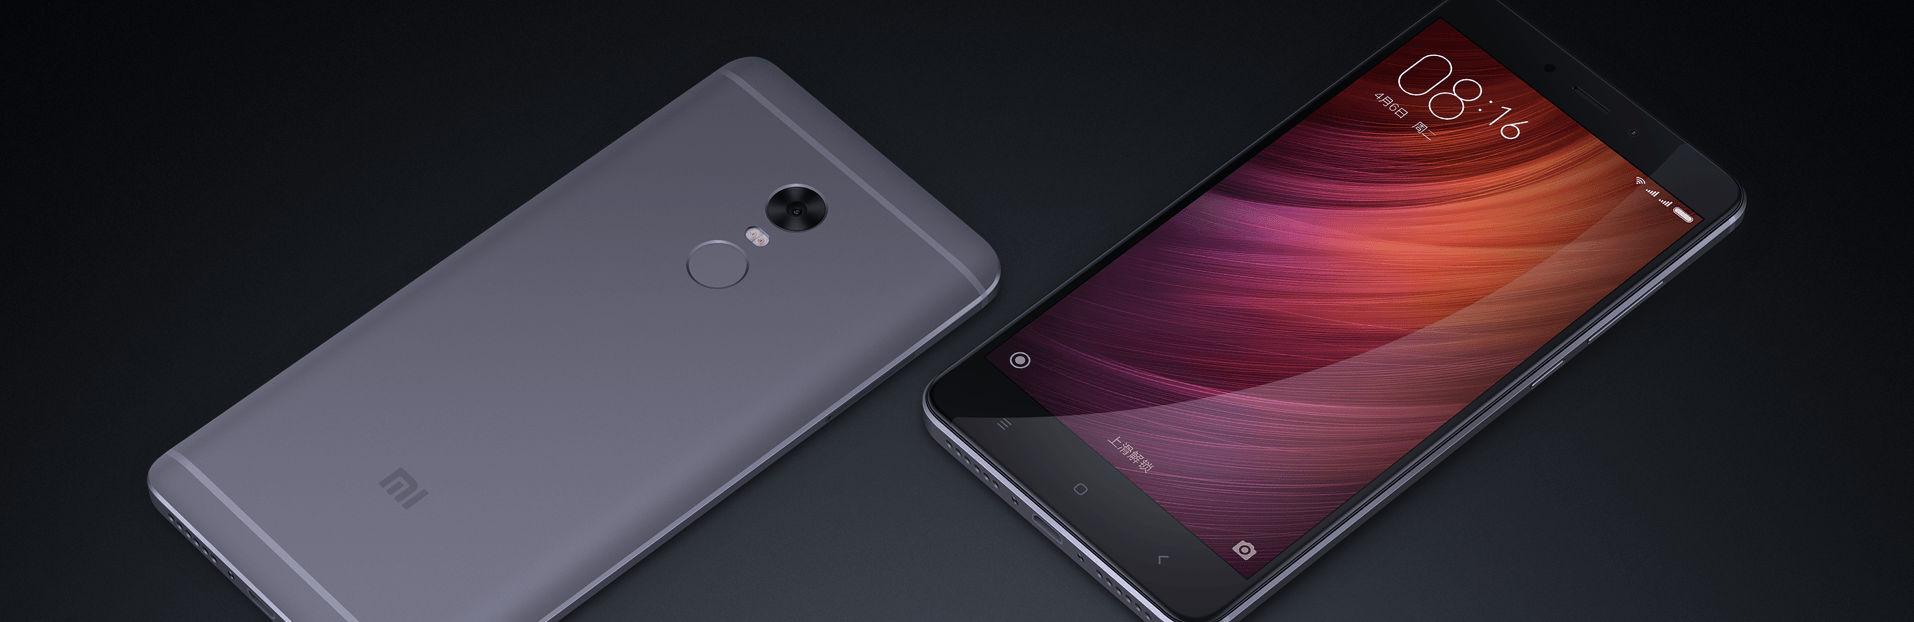 Xiaomi Redmi Note 4 на Snapdragon 625: сравнительный обзор